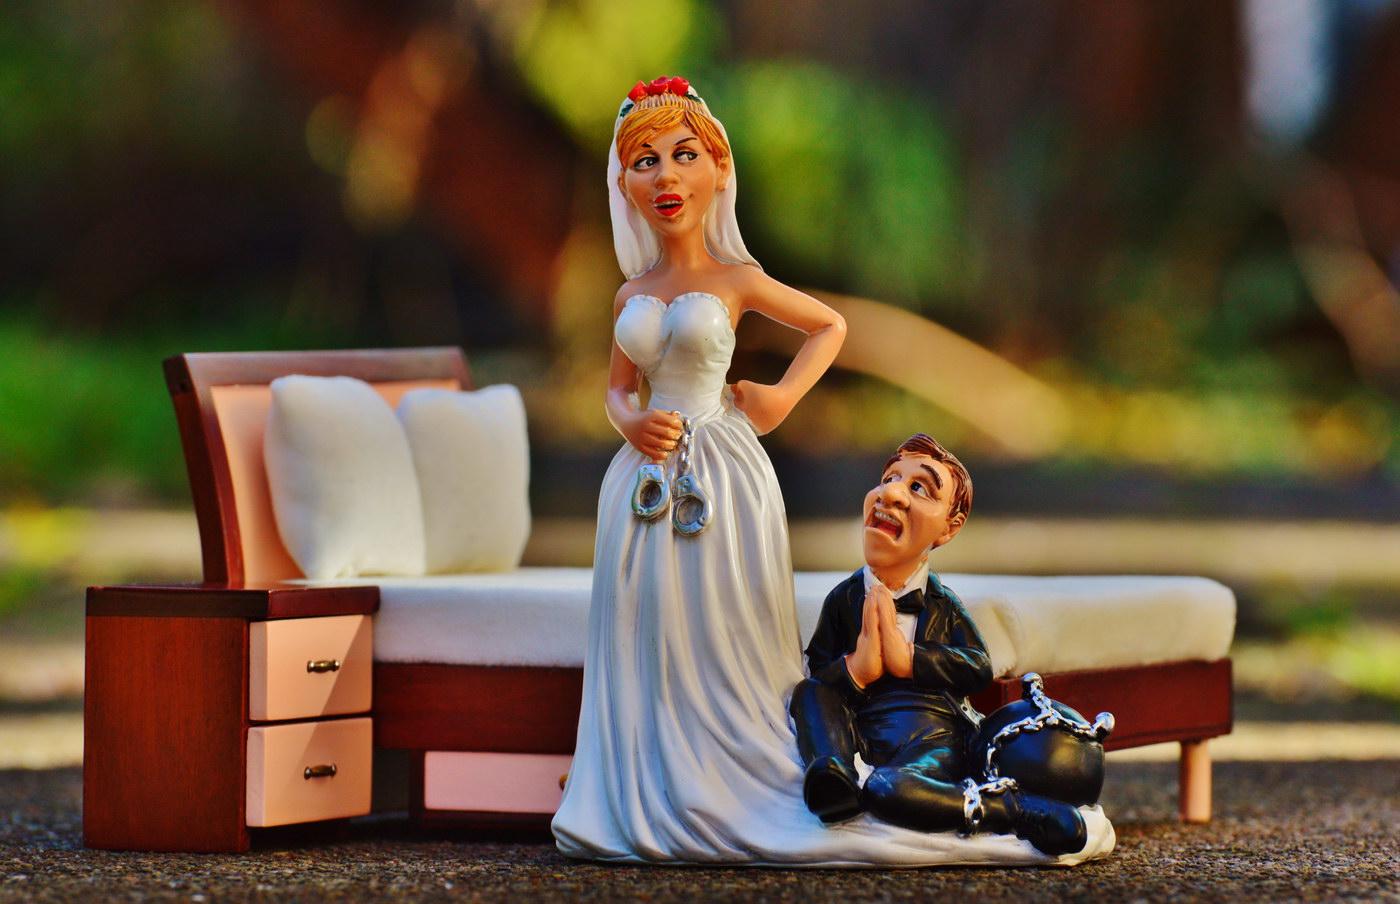 Cateva citate amuzante despre casatorie